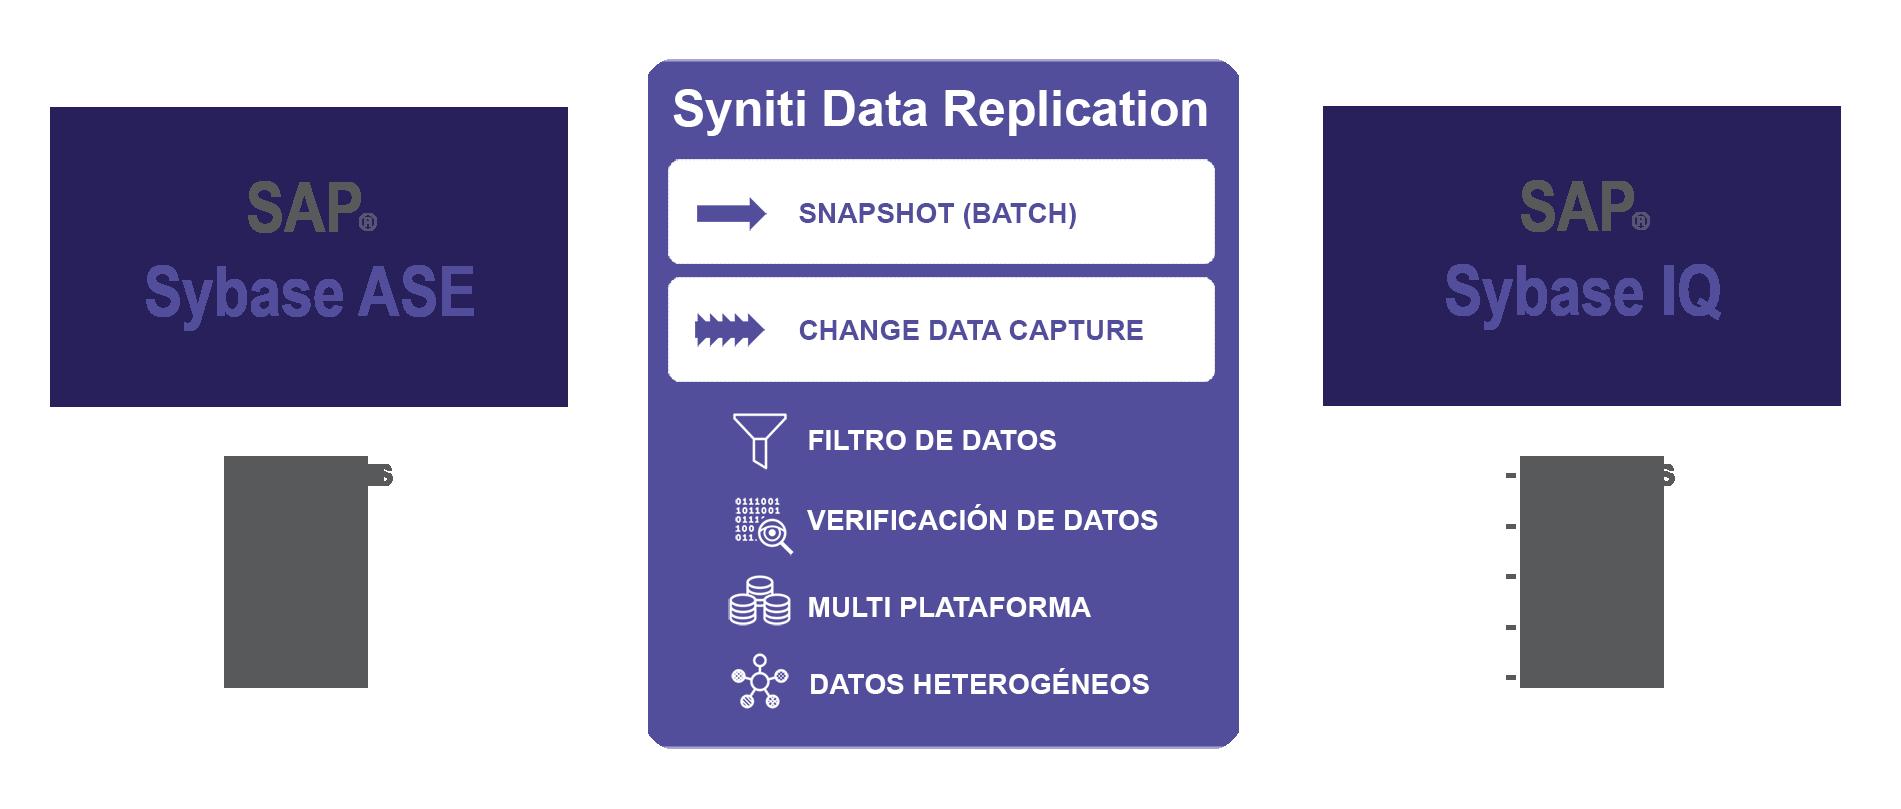 Replicación de datos de SAP ASE a SAP IQ